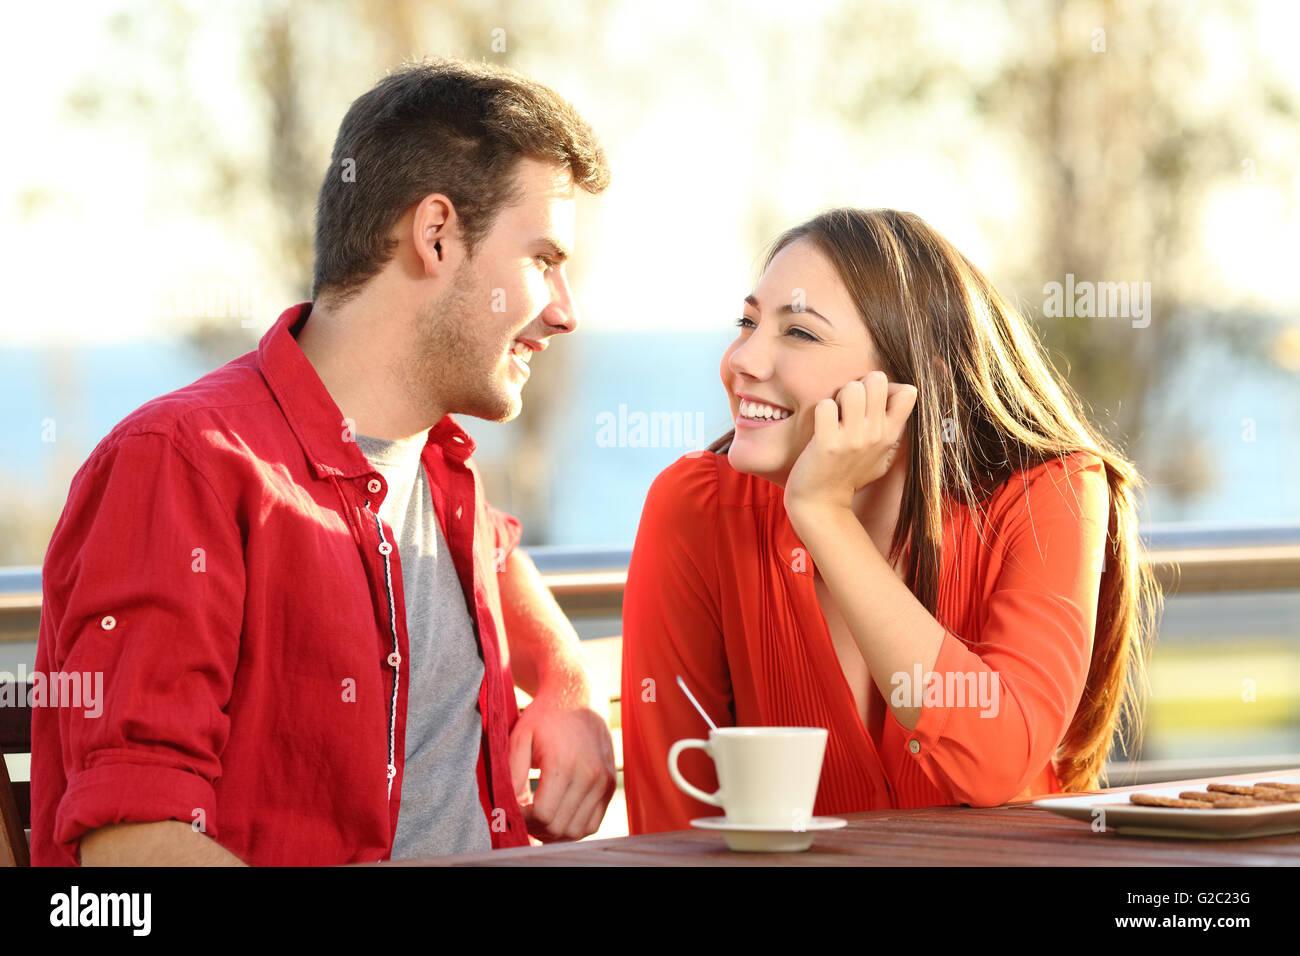 Fecha pareja franco enamorarse flirtear en una terraza mirando el uno al otro con ternura pensando que beso Imagen De Stock